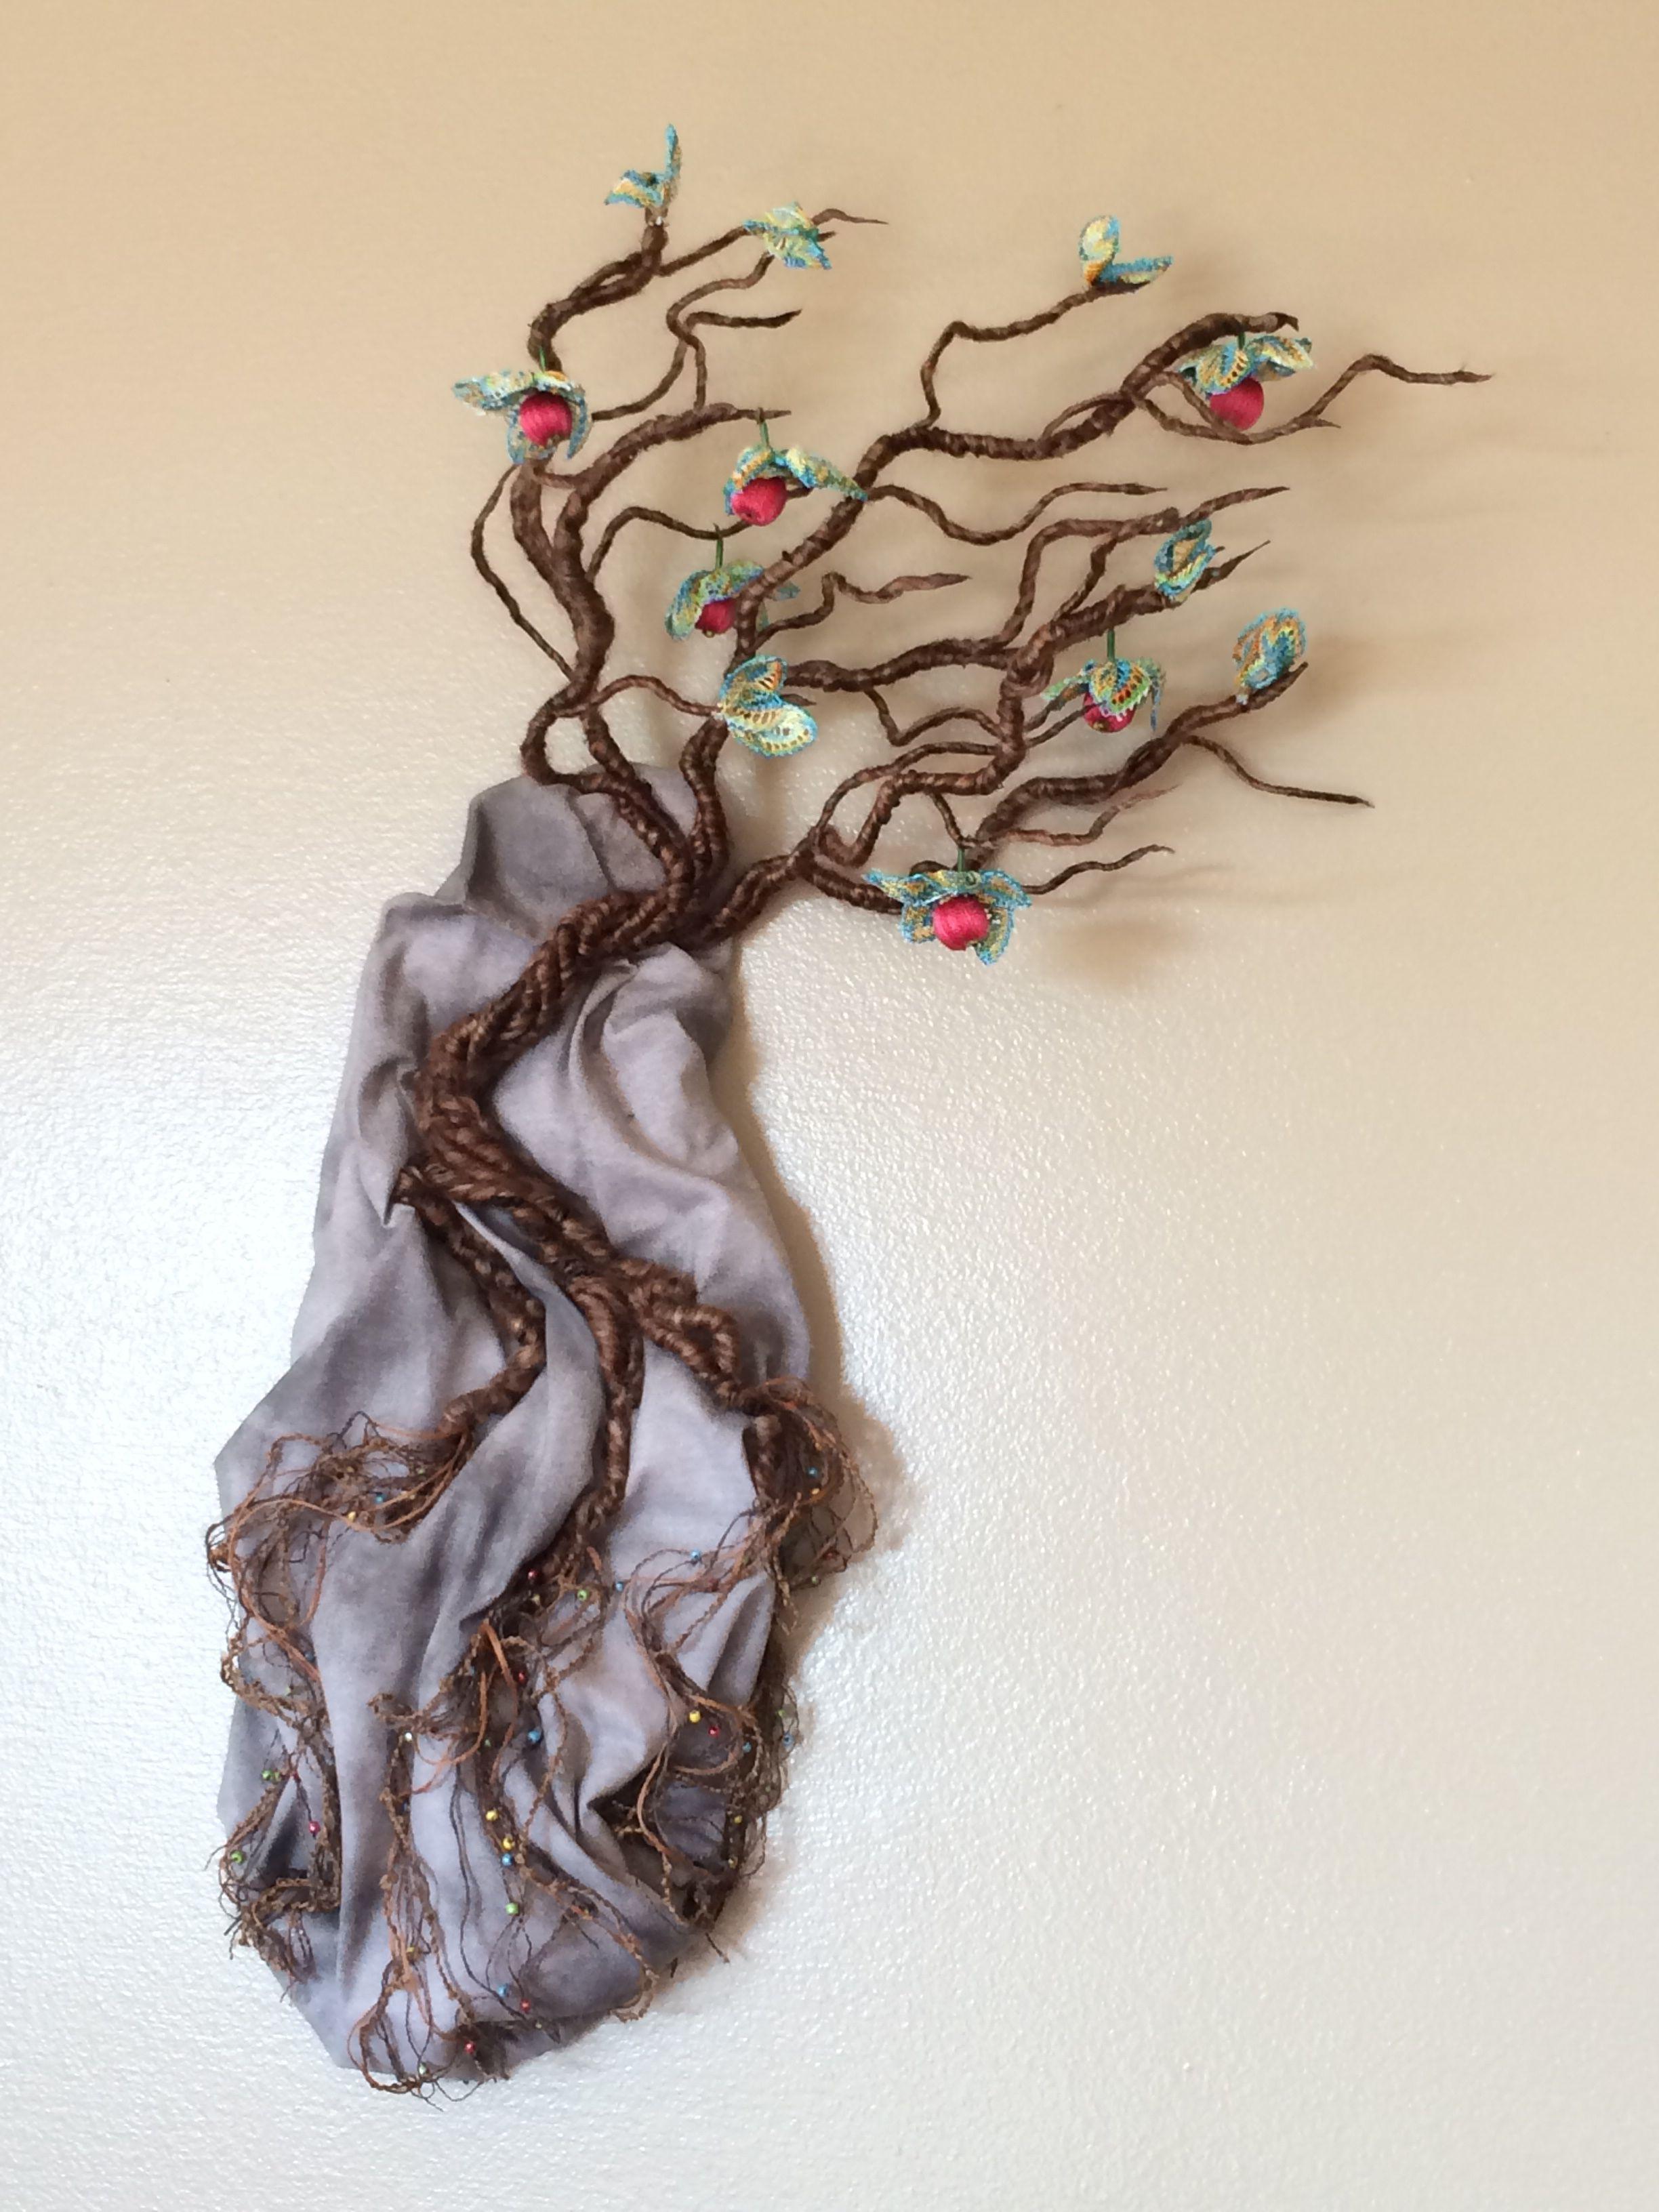 A Survivor    -Fiber Art by Bonnie Samms-Overley www.BonnieSamms-Overley.com